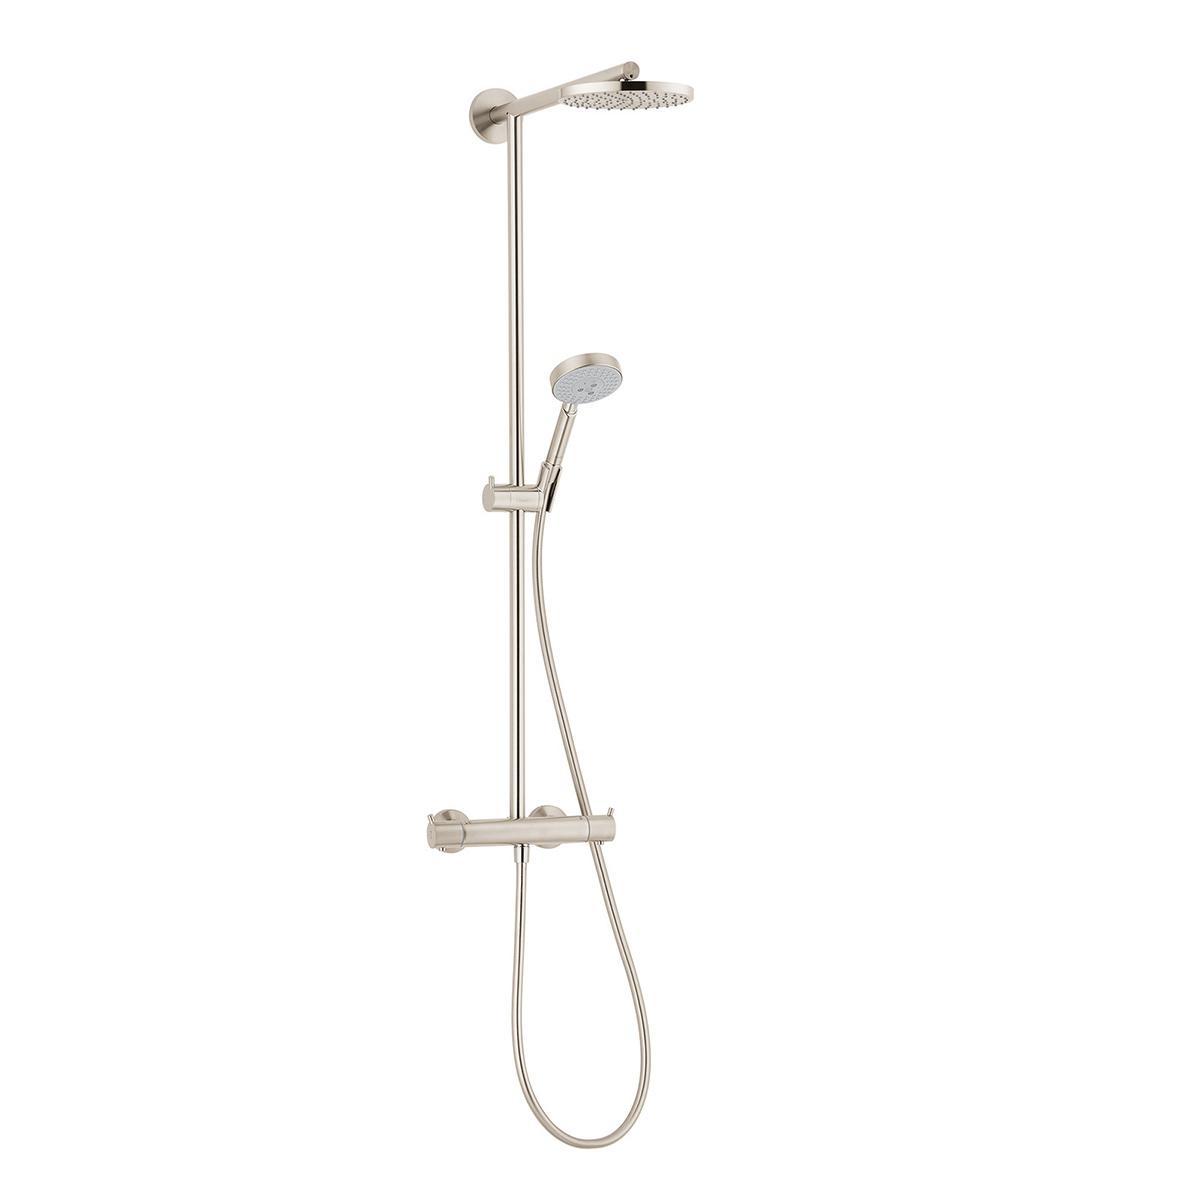 Bath4all Hansgrohe 27165821 Brushed Nickel Raindance Showerpipe